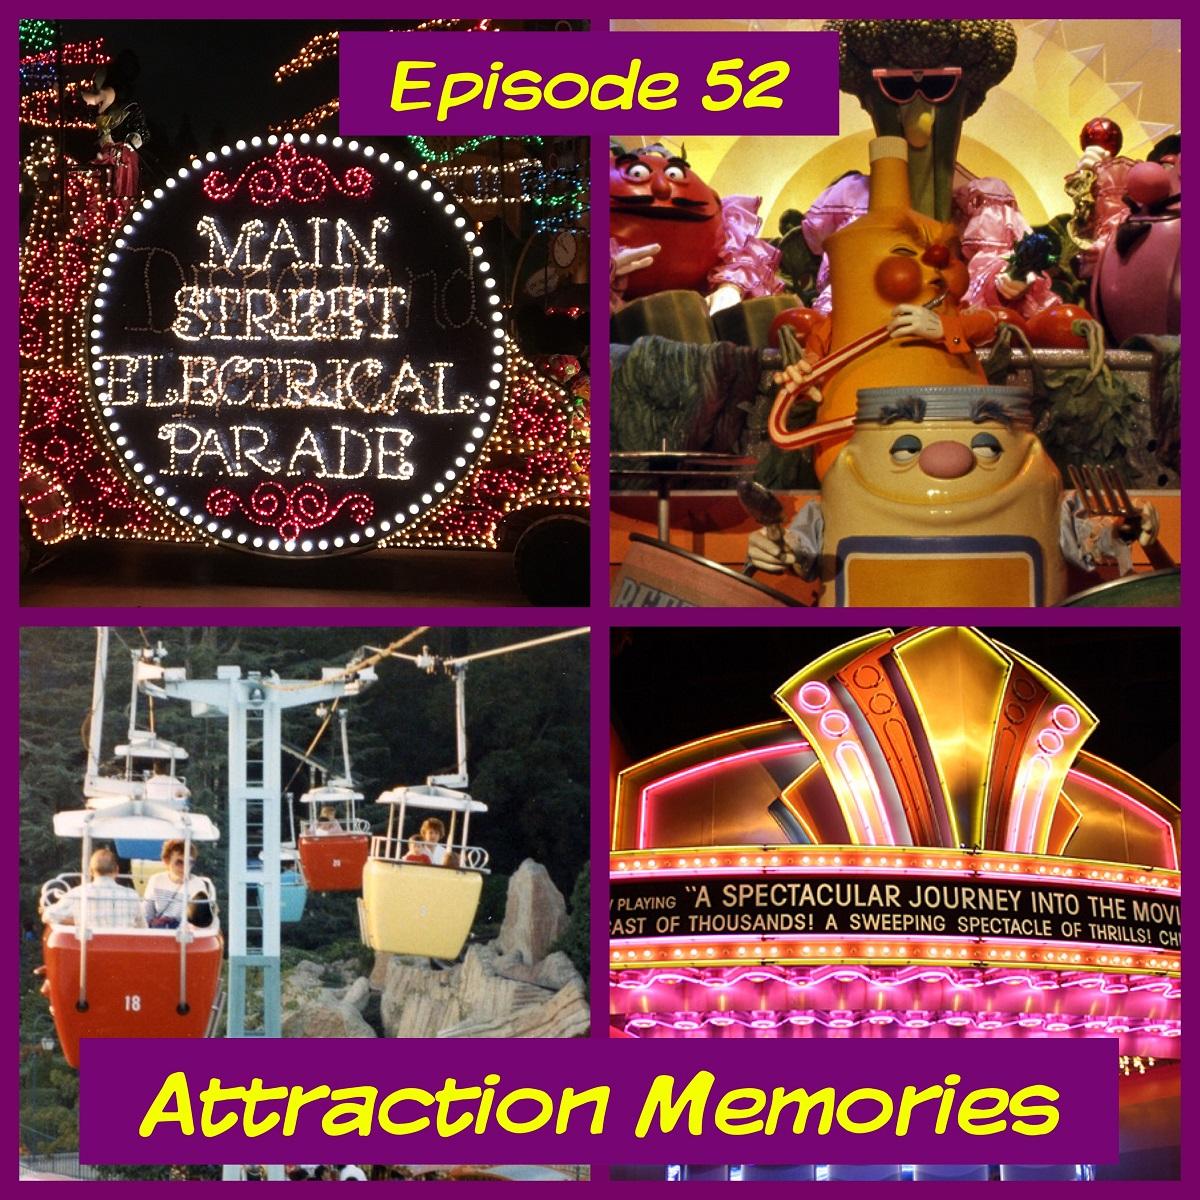 Attraction Memories